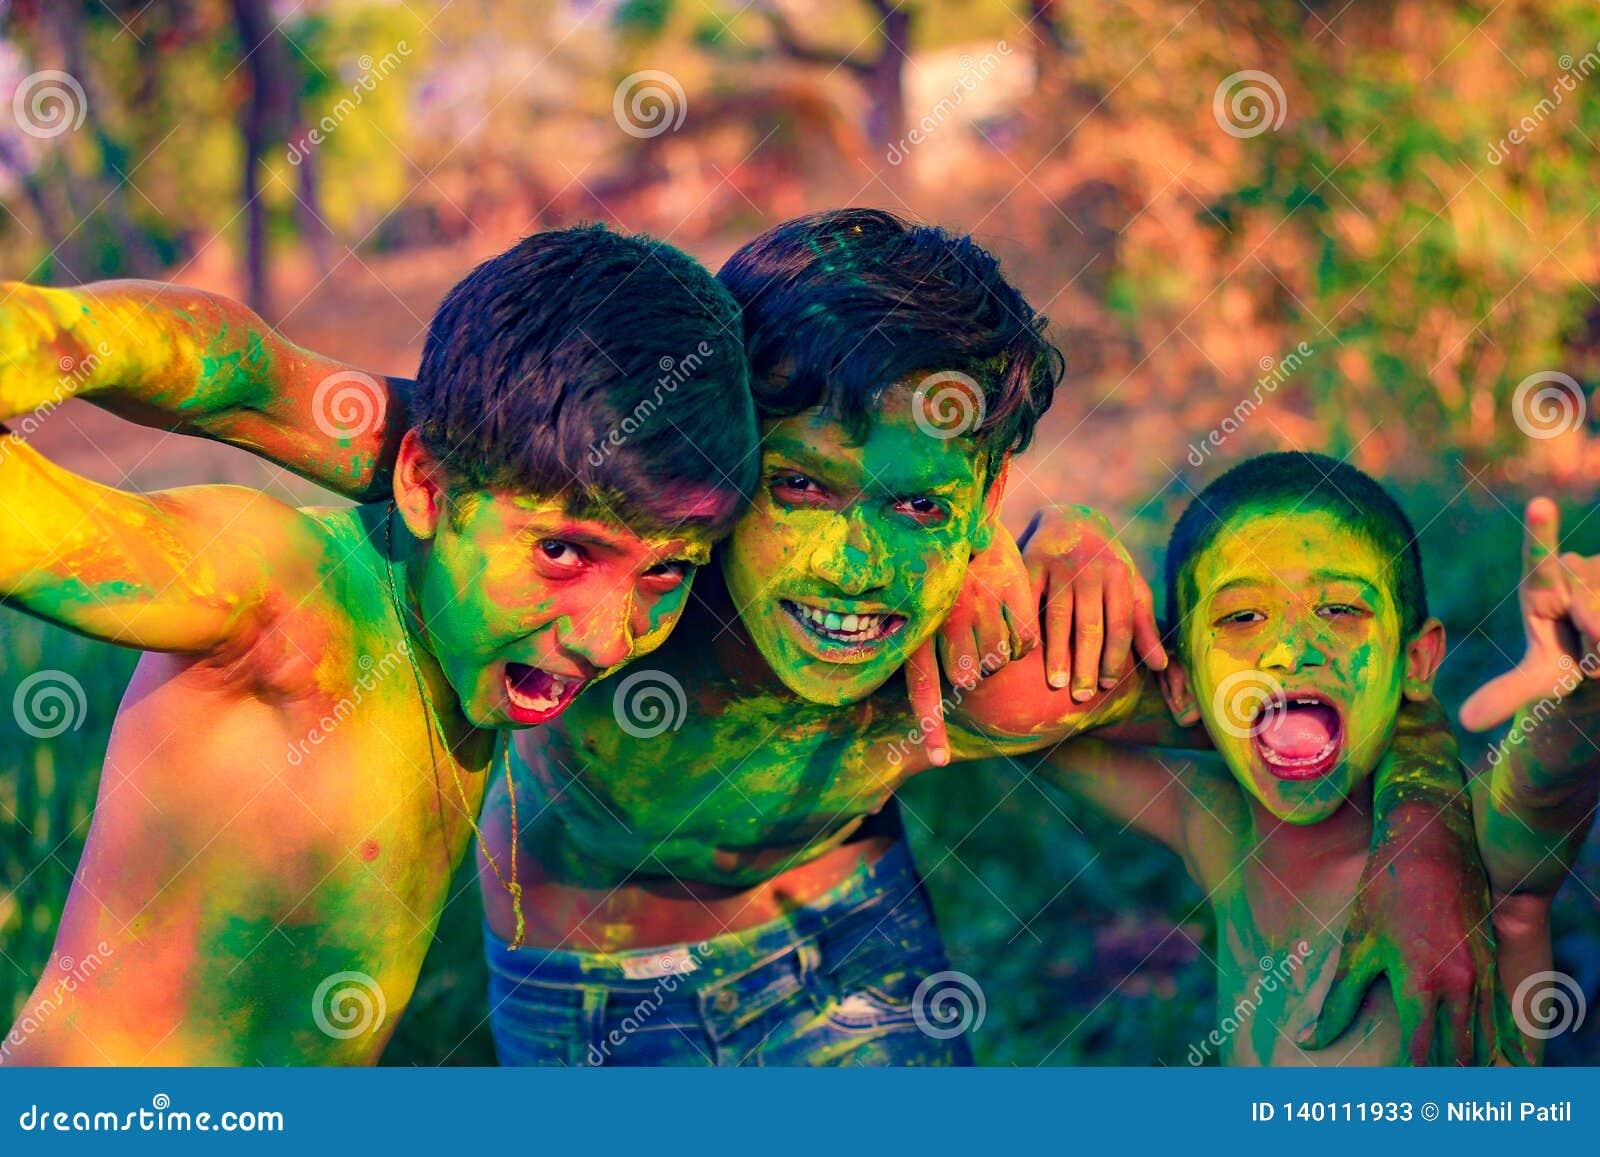 Enfant indien jouant avec la couleur dans le festival de holi